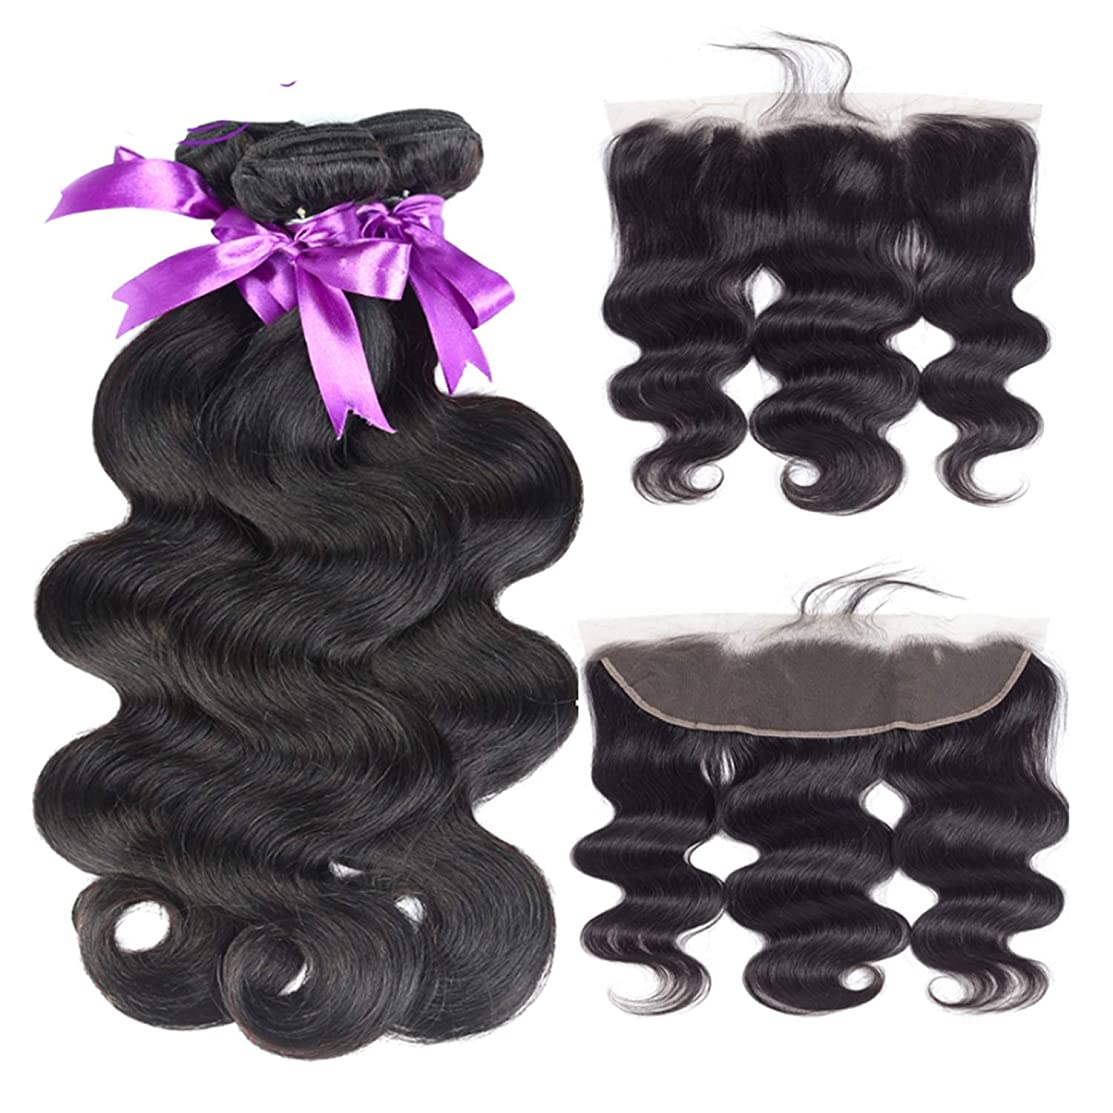 複製火曜日コンソール赤ん坊の毛のremyの人間の毛髪の織り方が付いている13 * 4レースの前部閉鎖が付いているブラジルの実体波3束 かつら (Length : 10 10 10 Cl10)